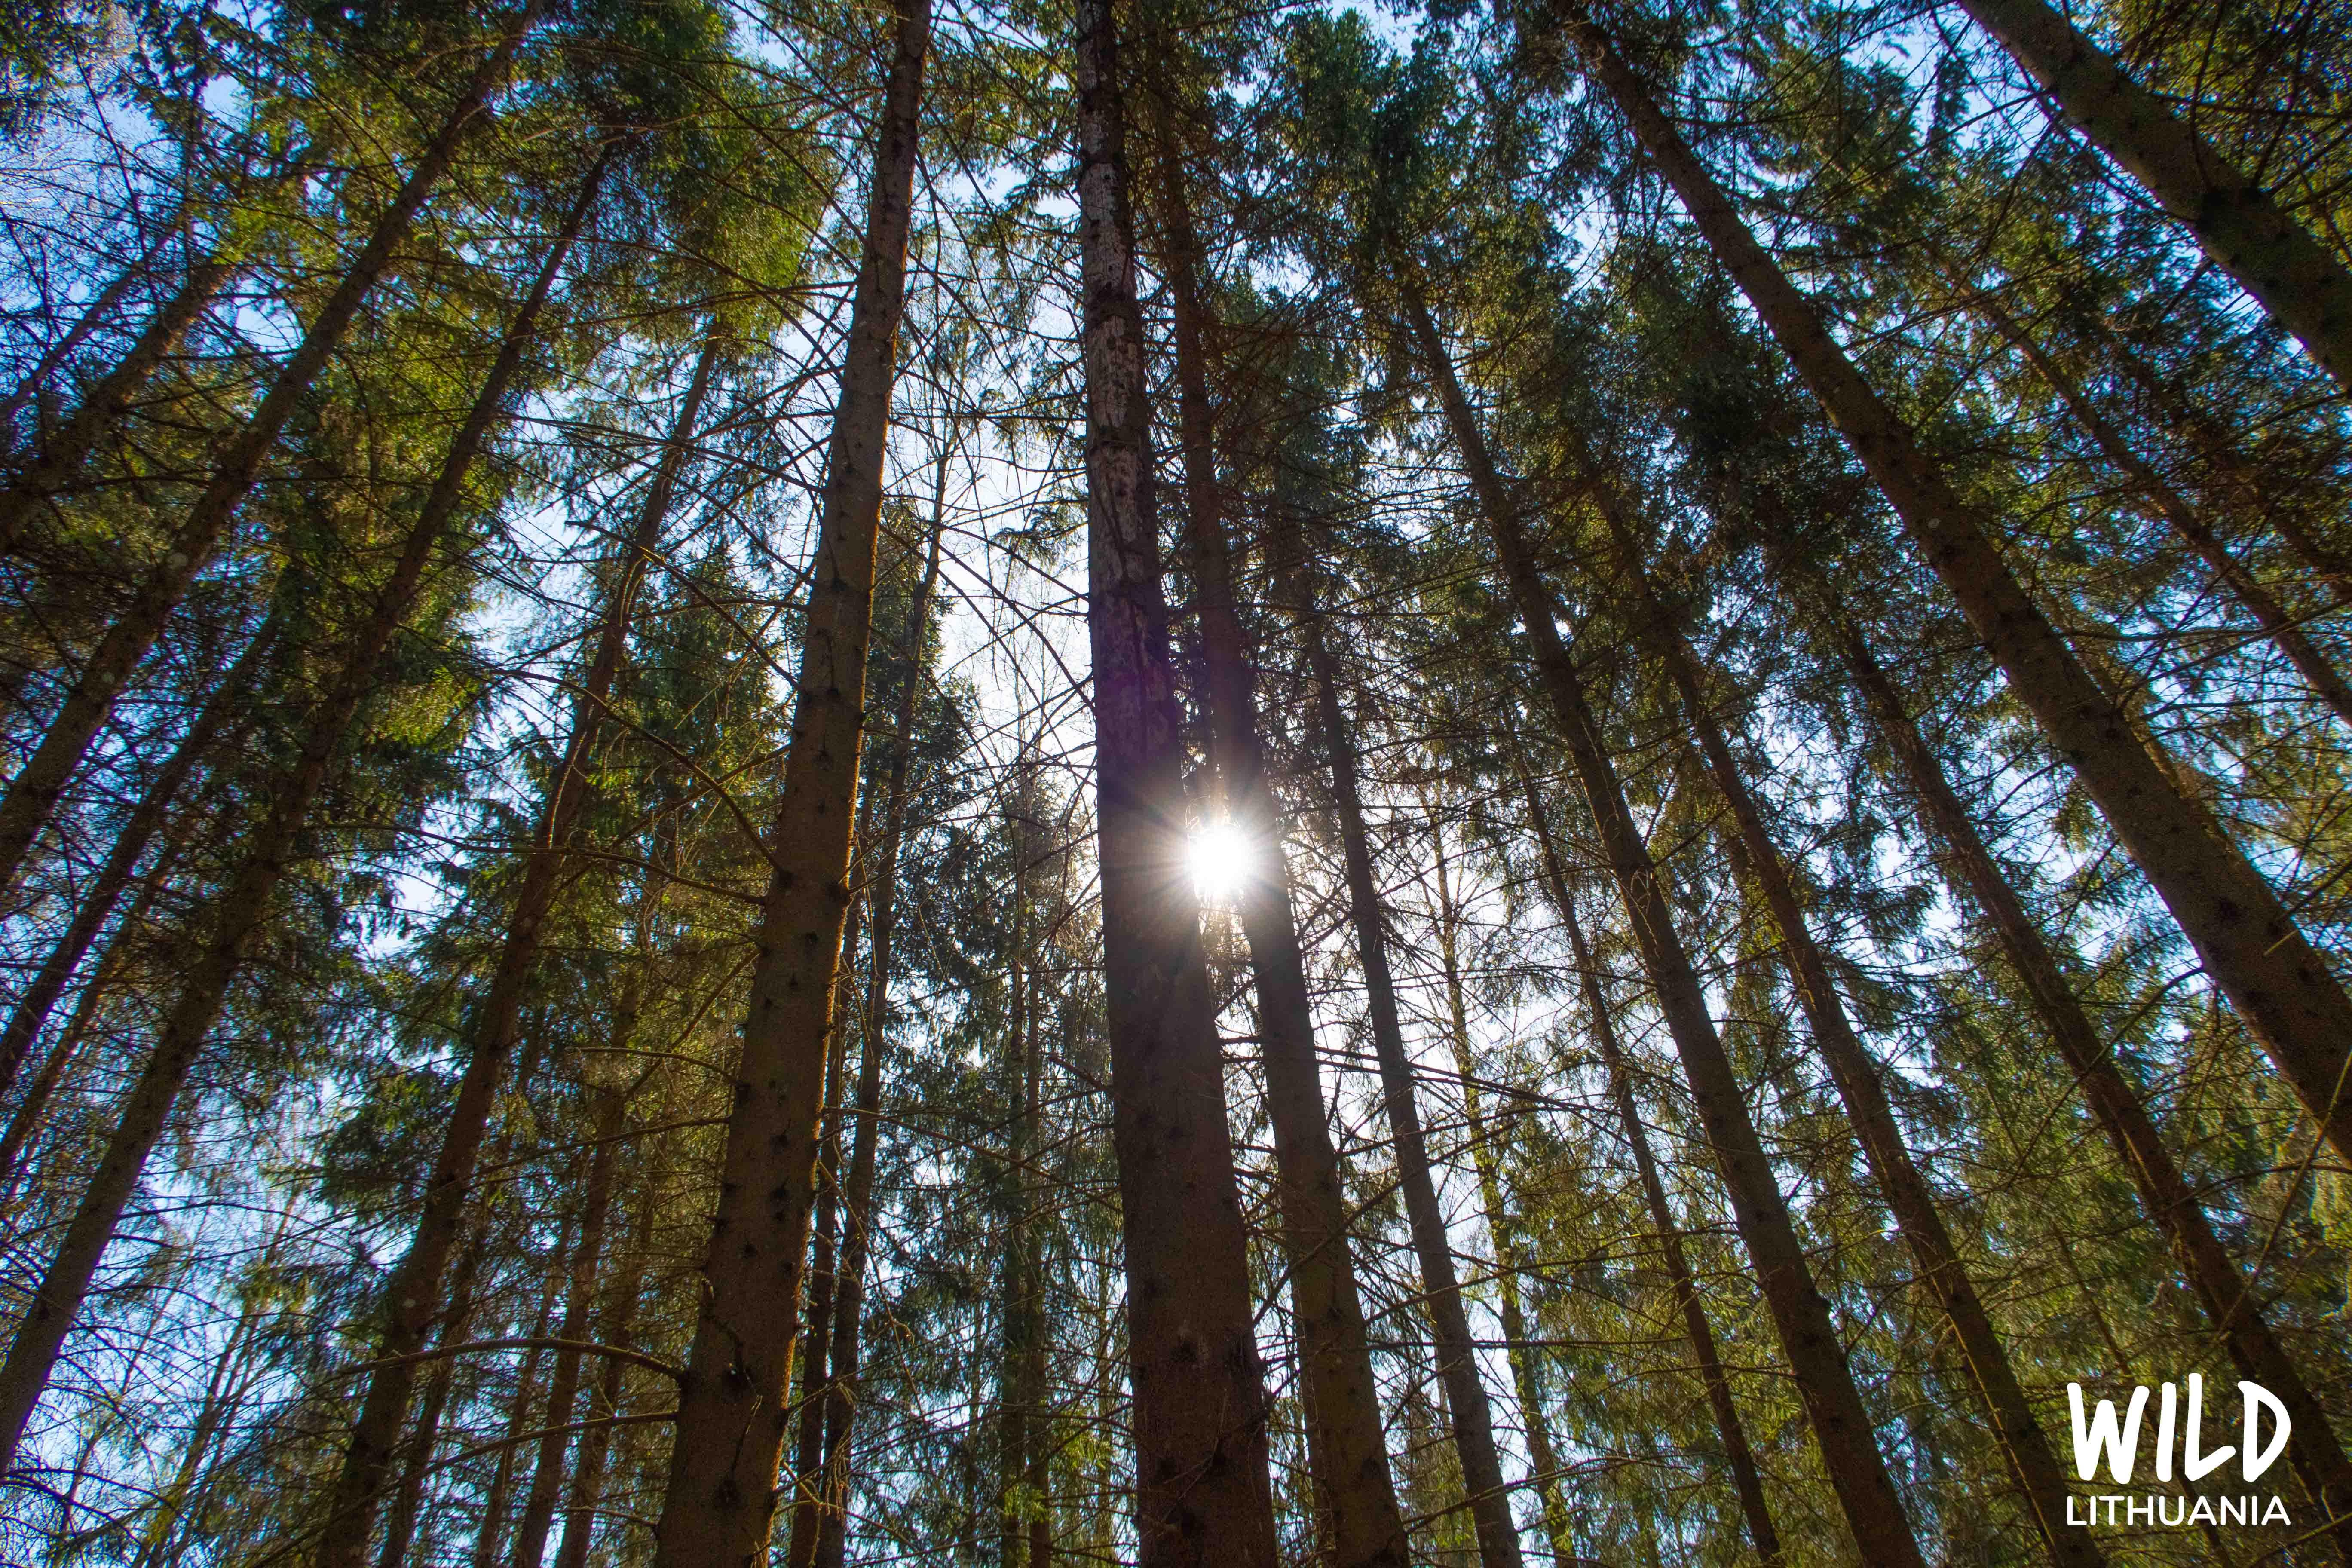 View from forest floor | www.junemolloy.com